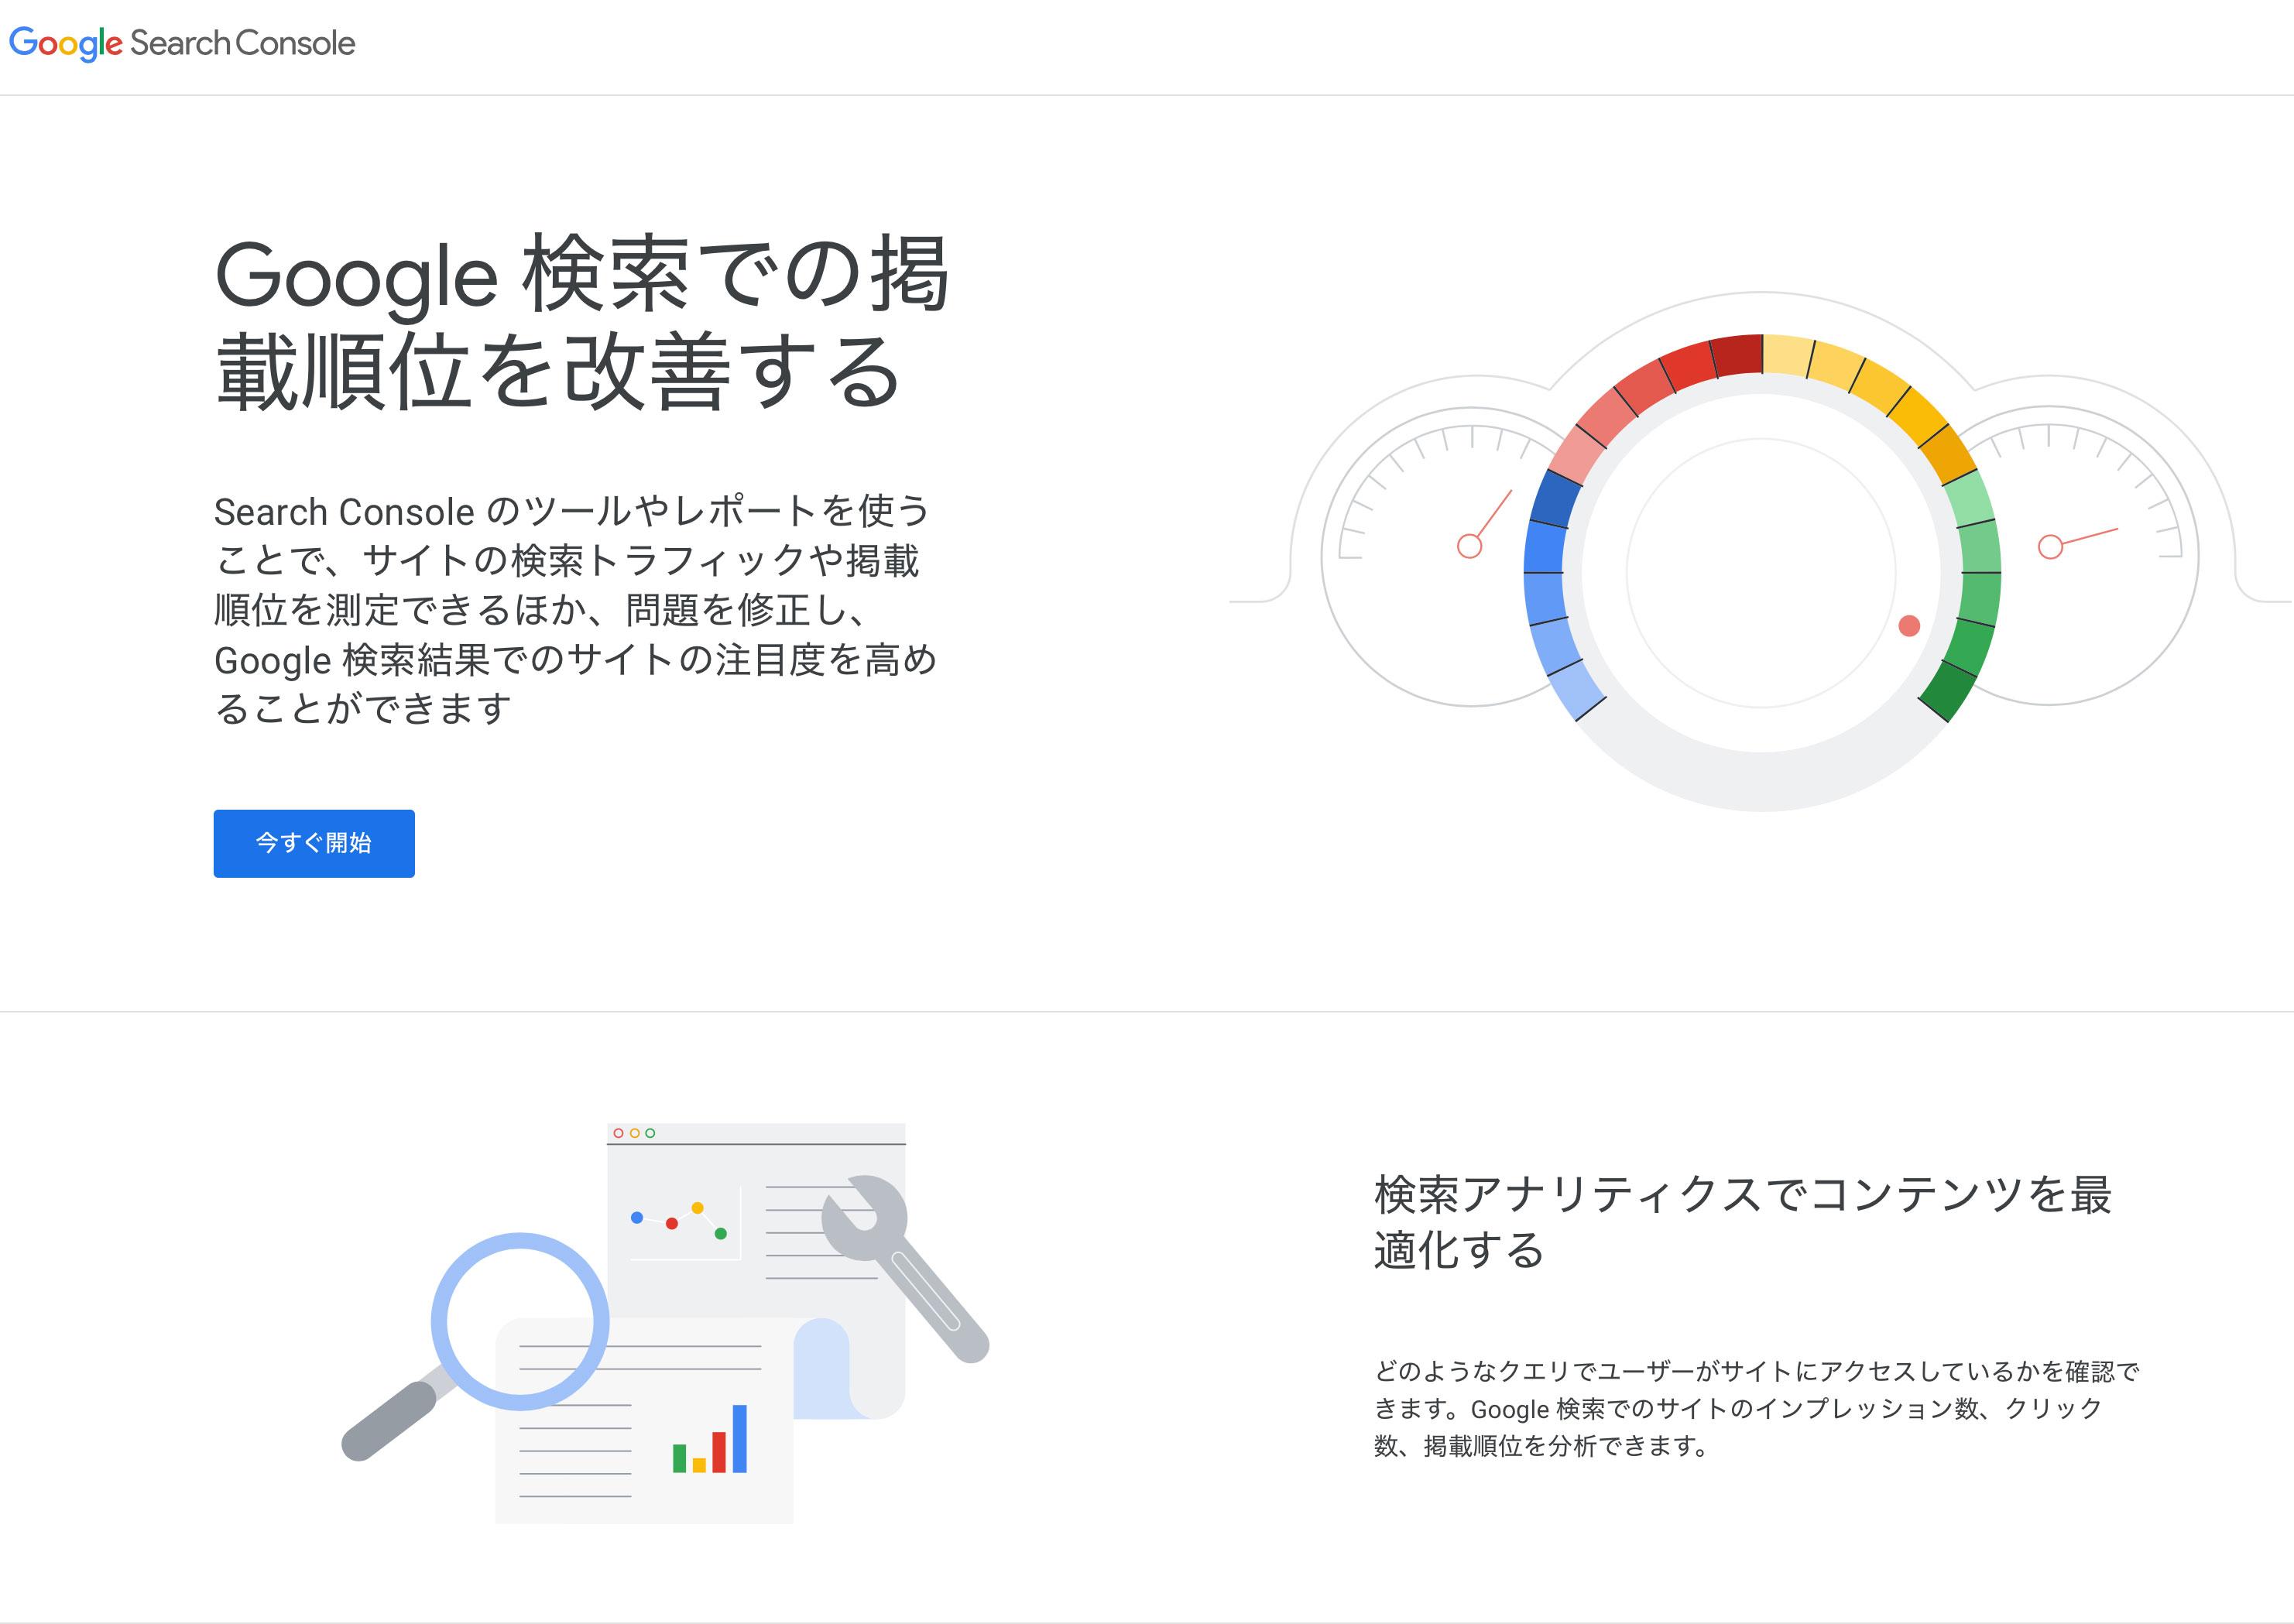 google サーチコンソールトップページ